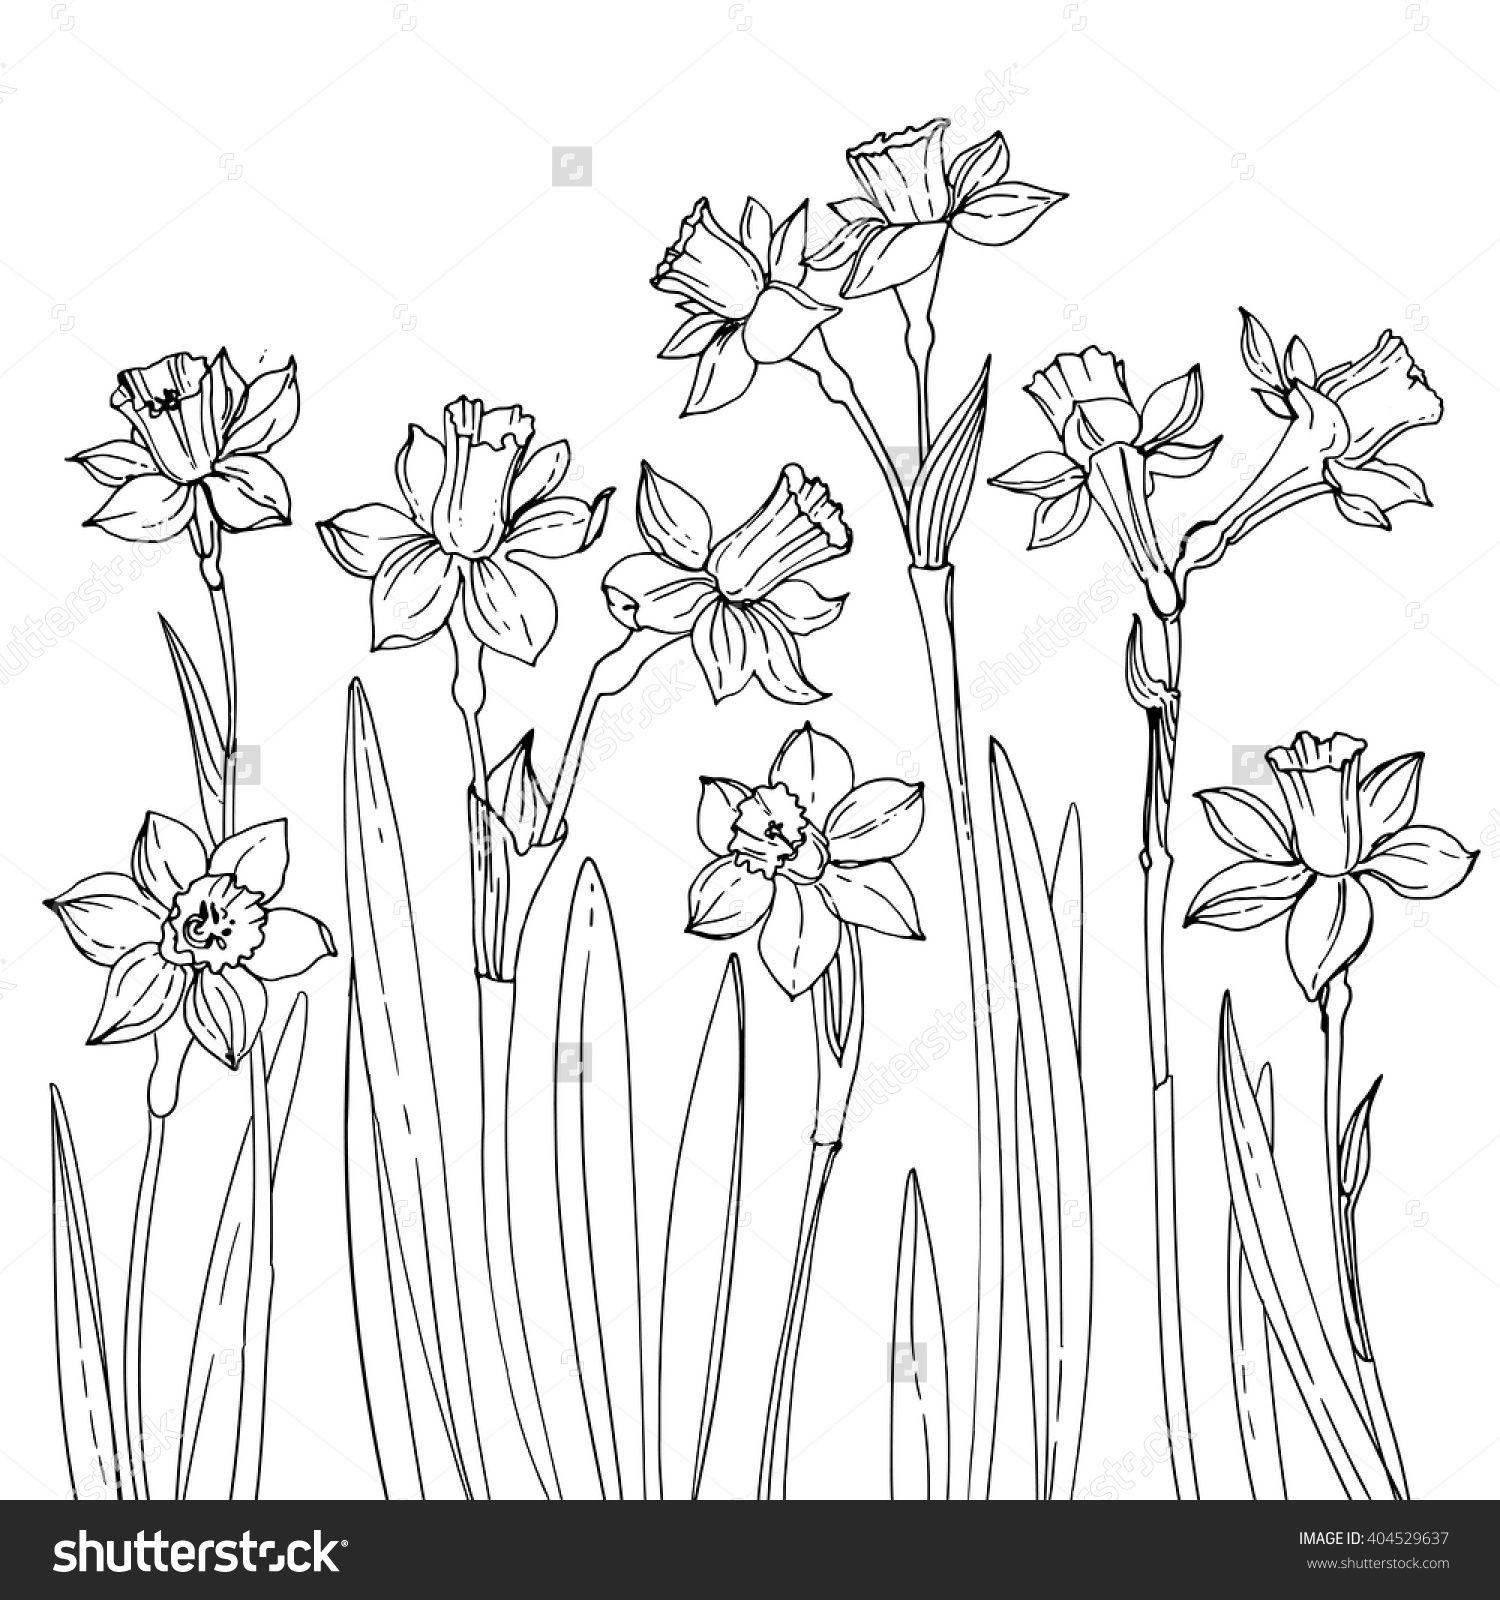 Line Drawing Daffodil : Black daffodil sketch google search daffodils